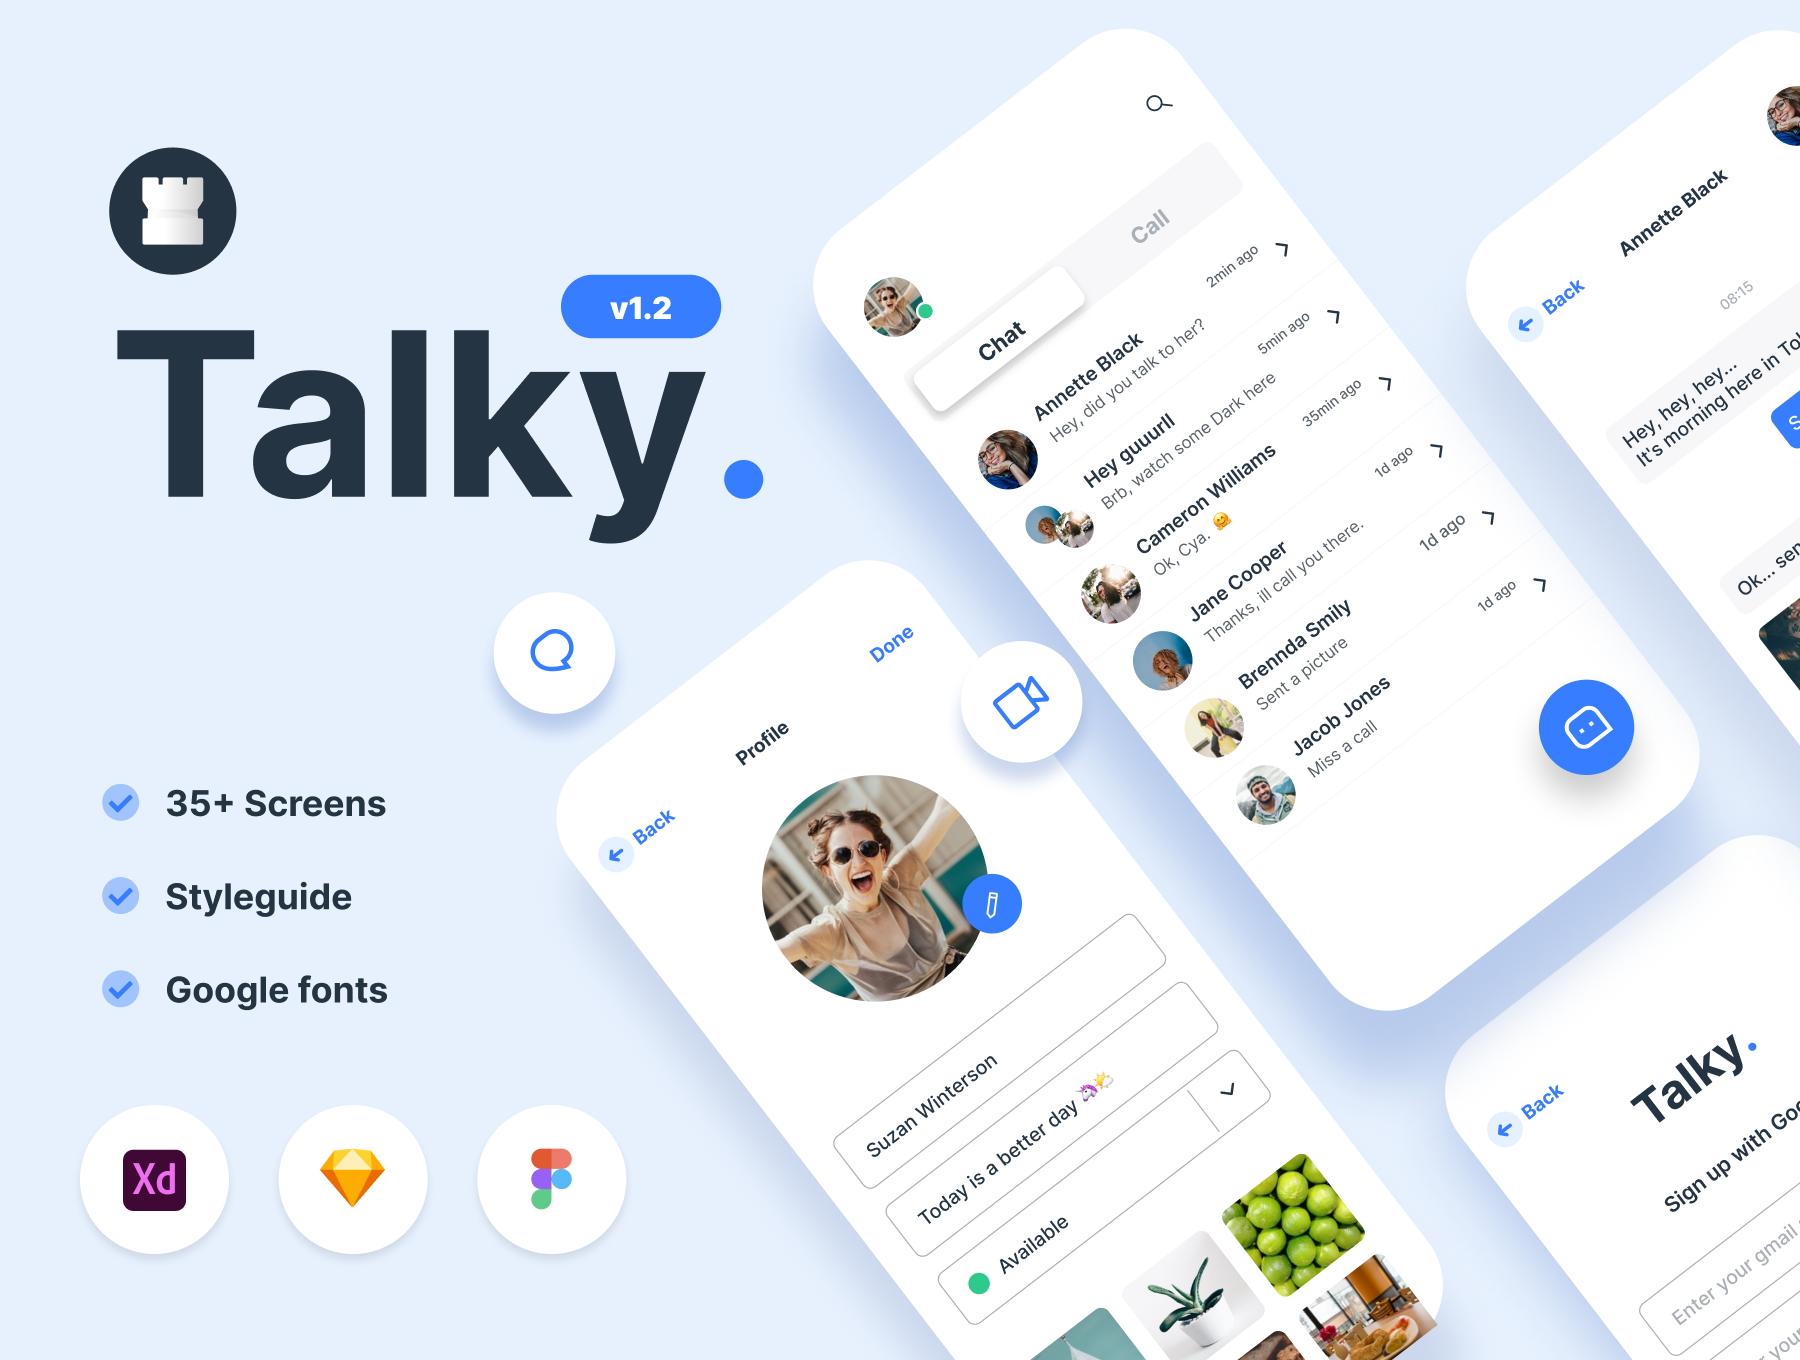 聊天交友短视频APP应用程序设计UI套件 Talky Chat & Video Messenger App插图